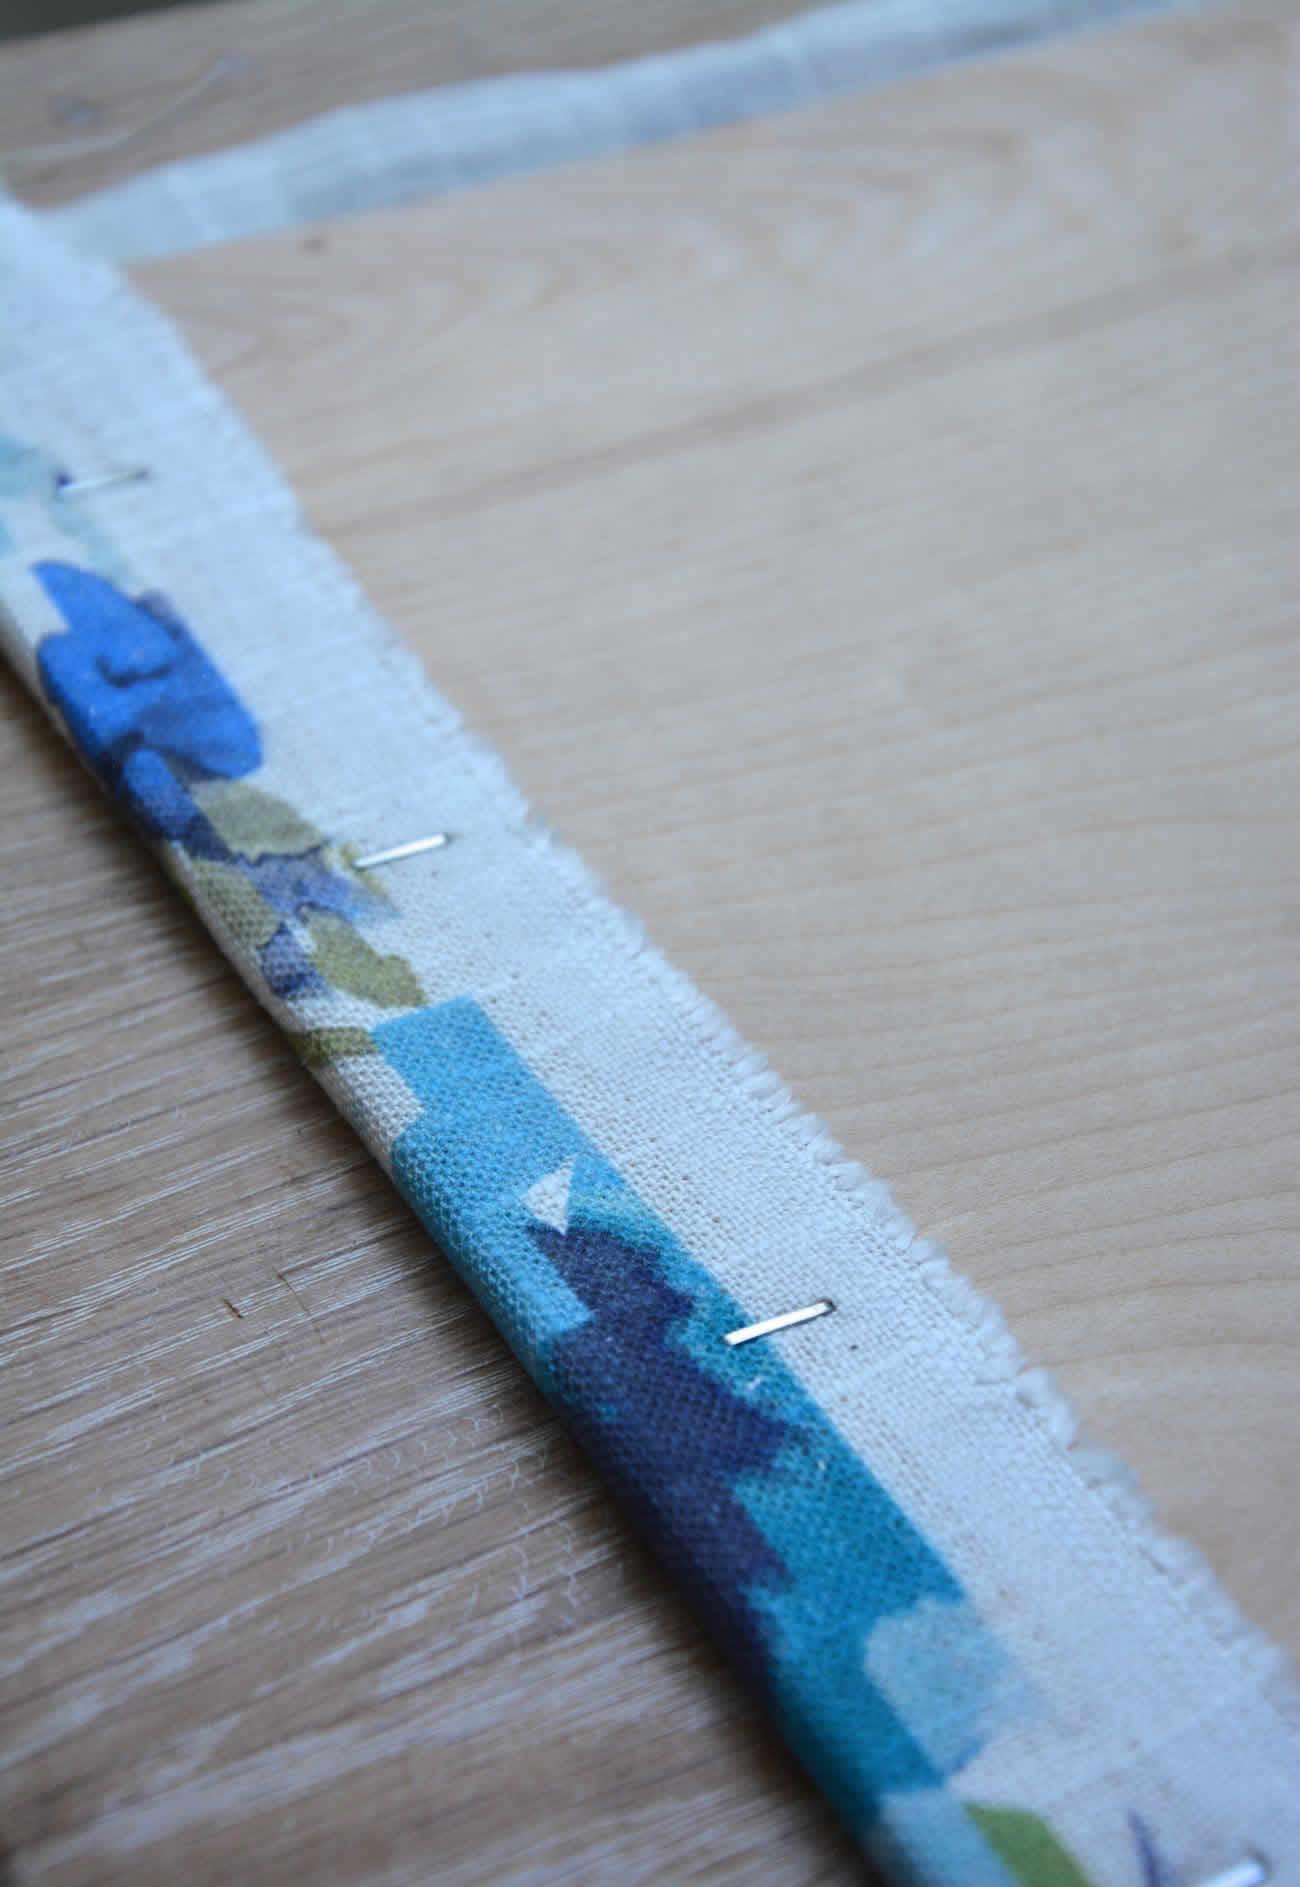 framed-fabric-wall-art-arrow-project-step5d.jpg